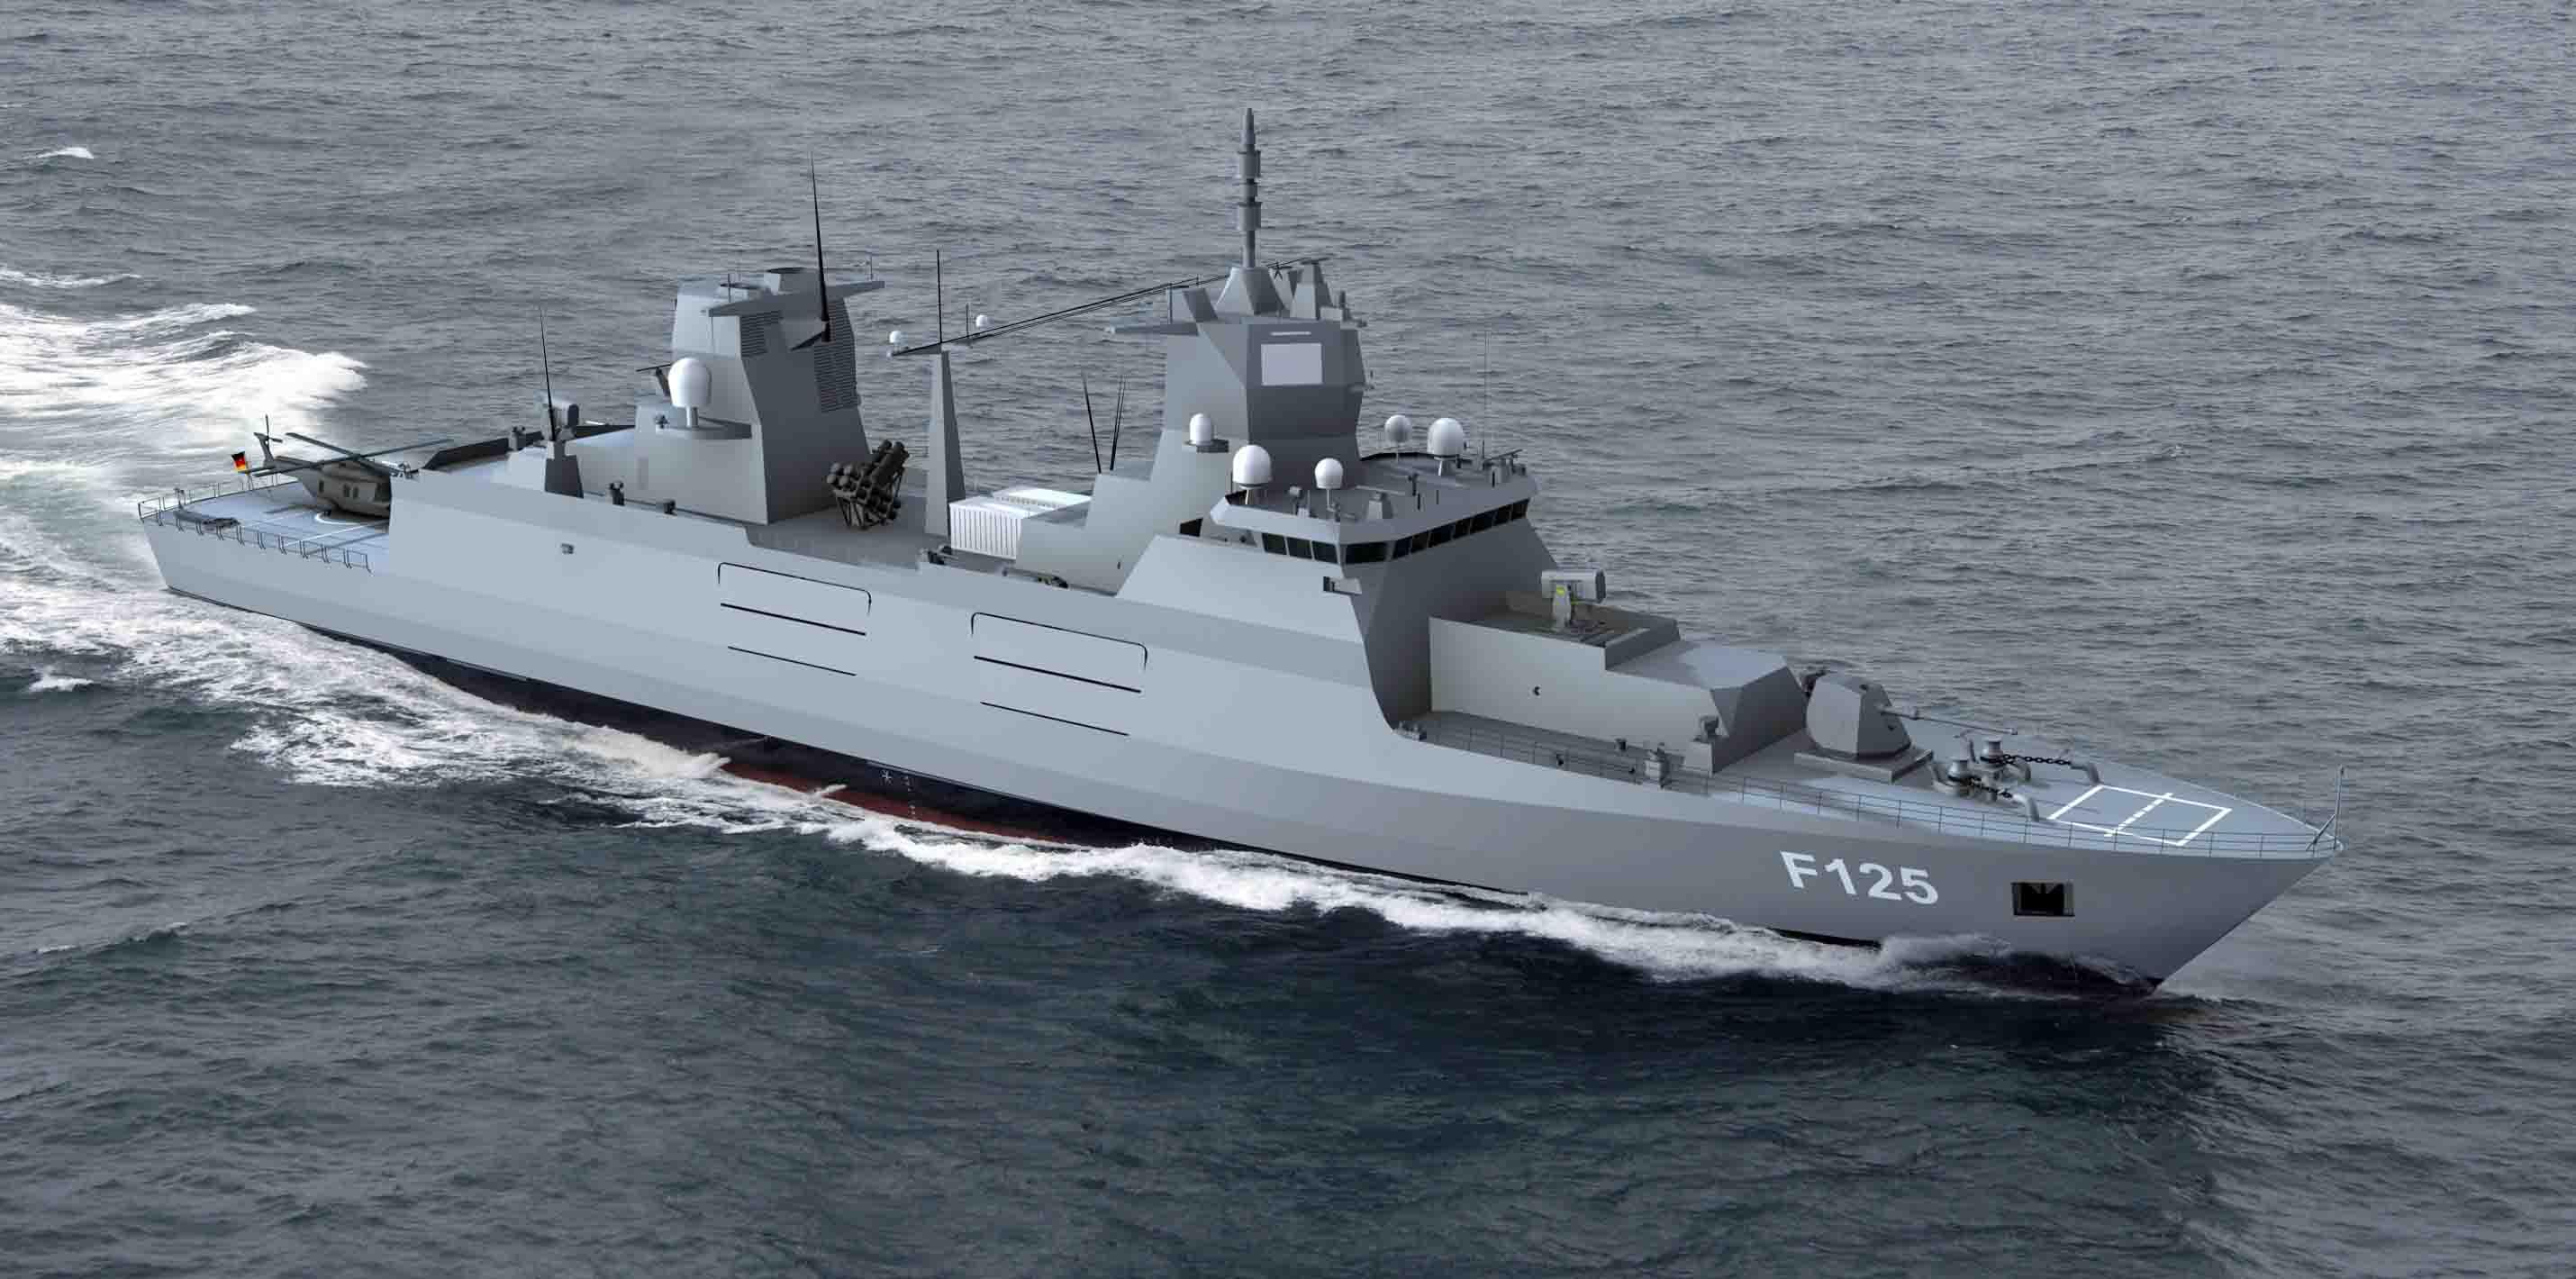 大胆级驱逐舰_地平线级驱逐舰是法国版更强,还是意大利版更强?